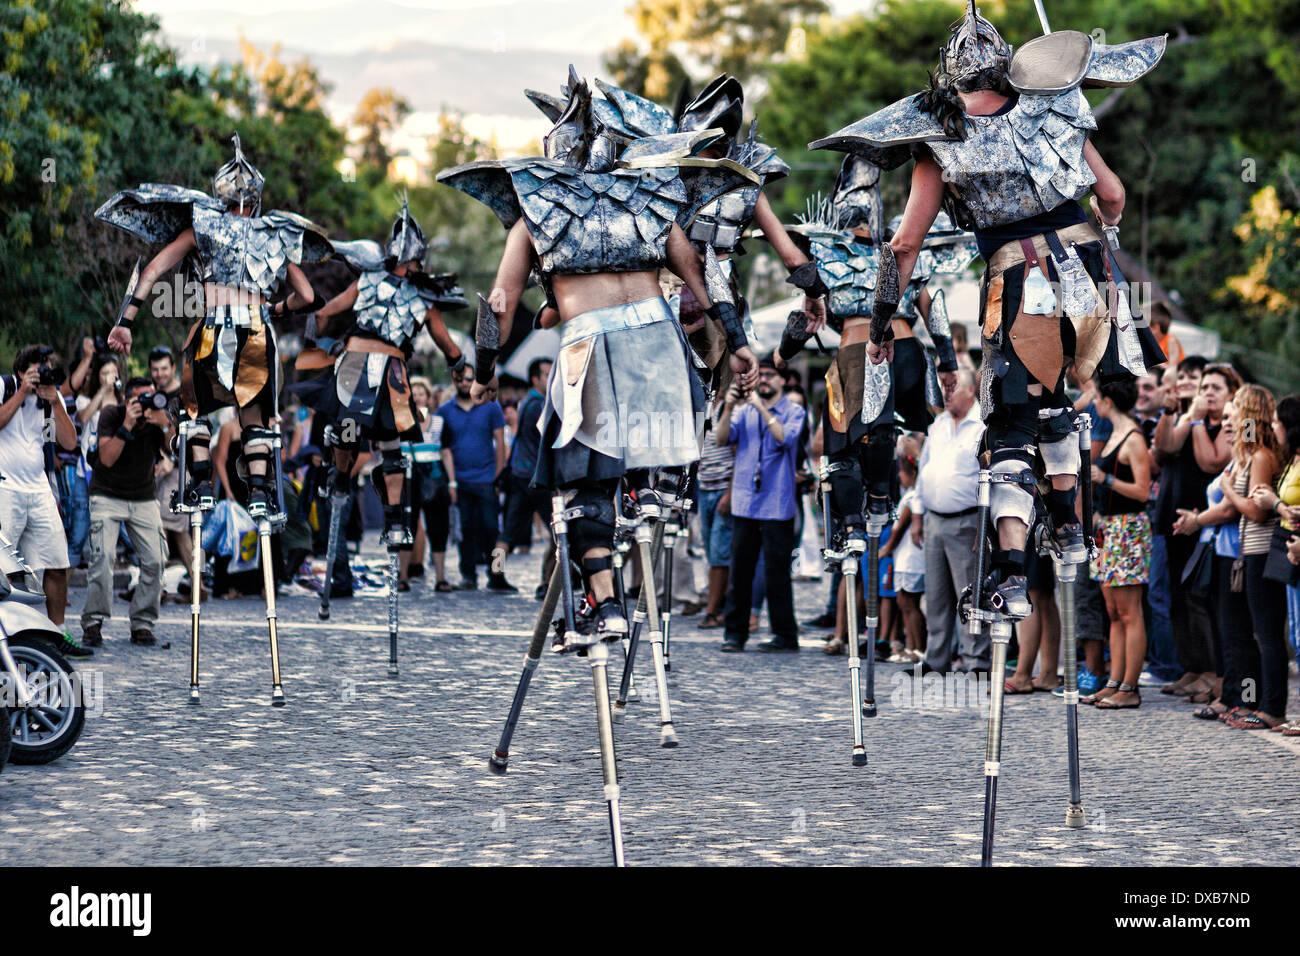 Échassiers dans la rue d'Athènes, Grèce Photo Stock